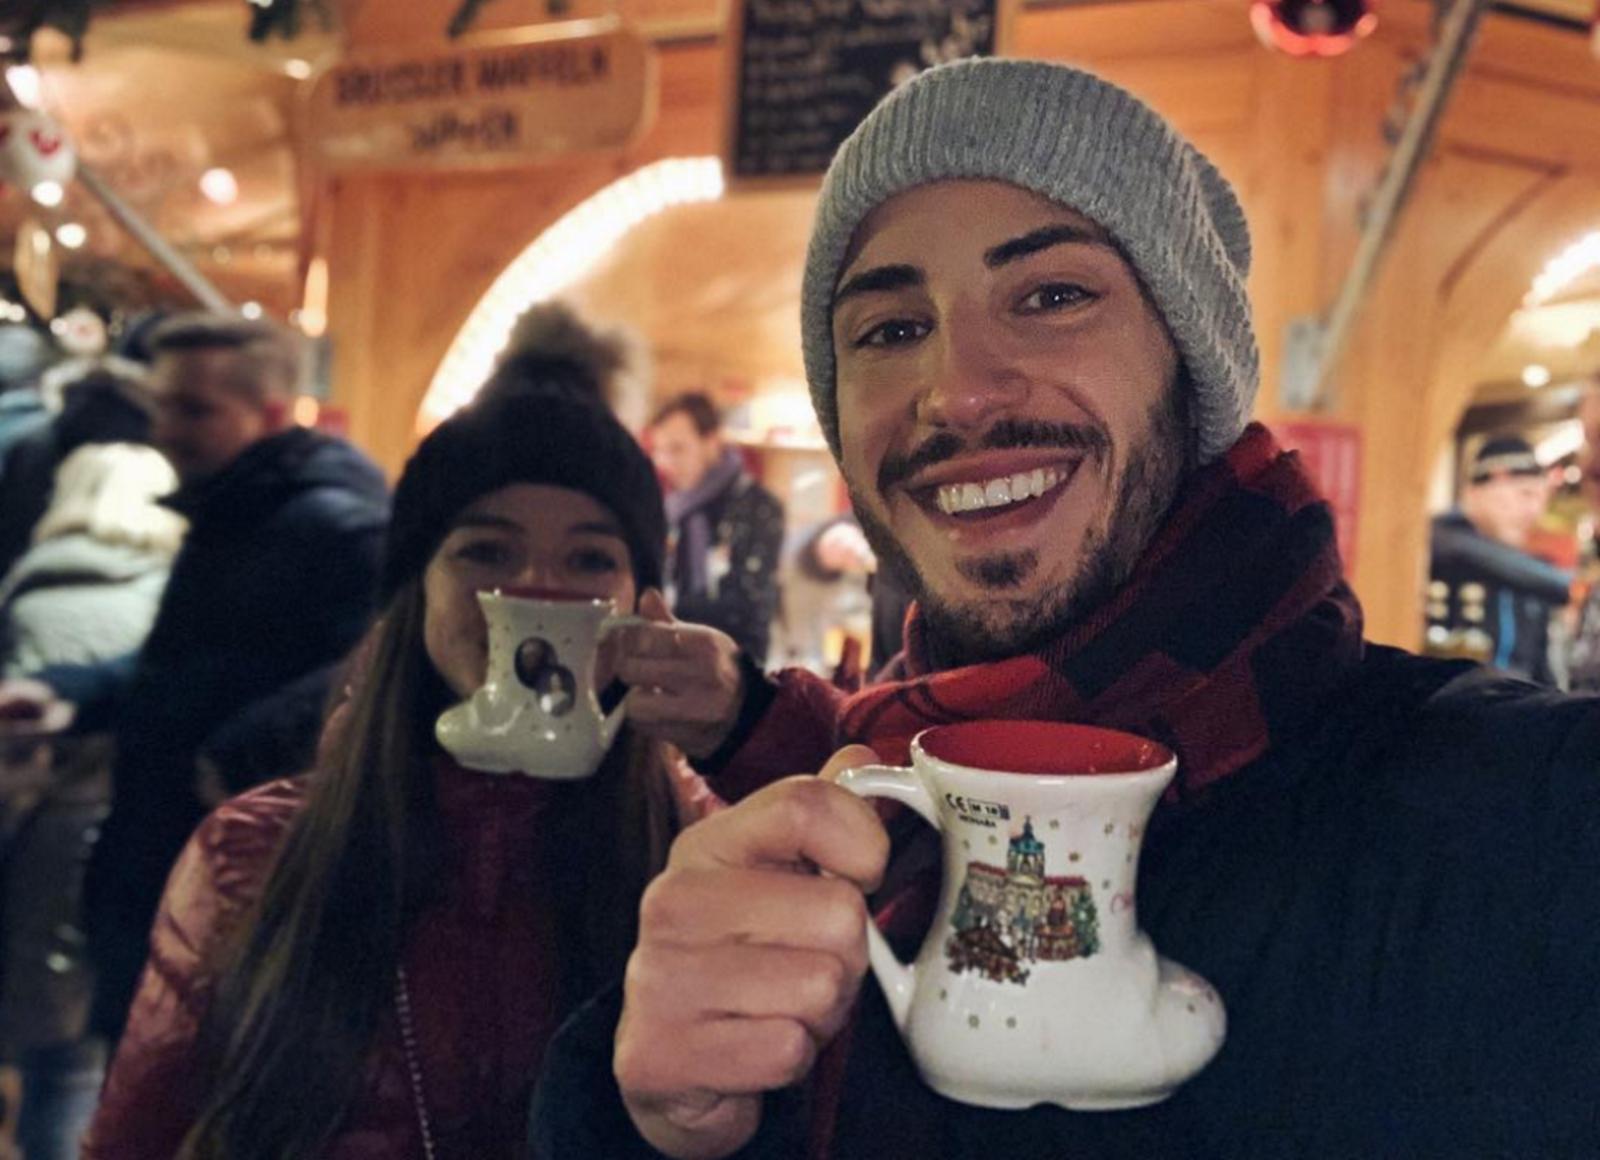 Лекарят актьор Наум Шопов и годеницата му Теа Минкова посетиха коледния базар в Берлин, за да се заредят с празнично настроение и може би и с подаръци за под елхата.